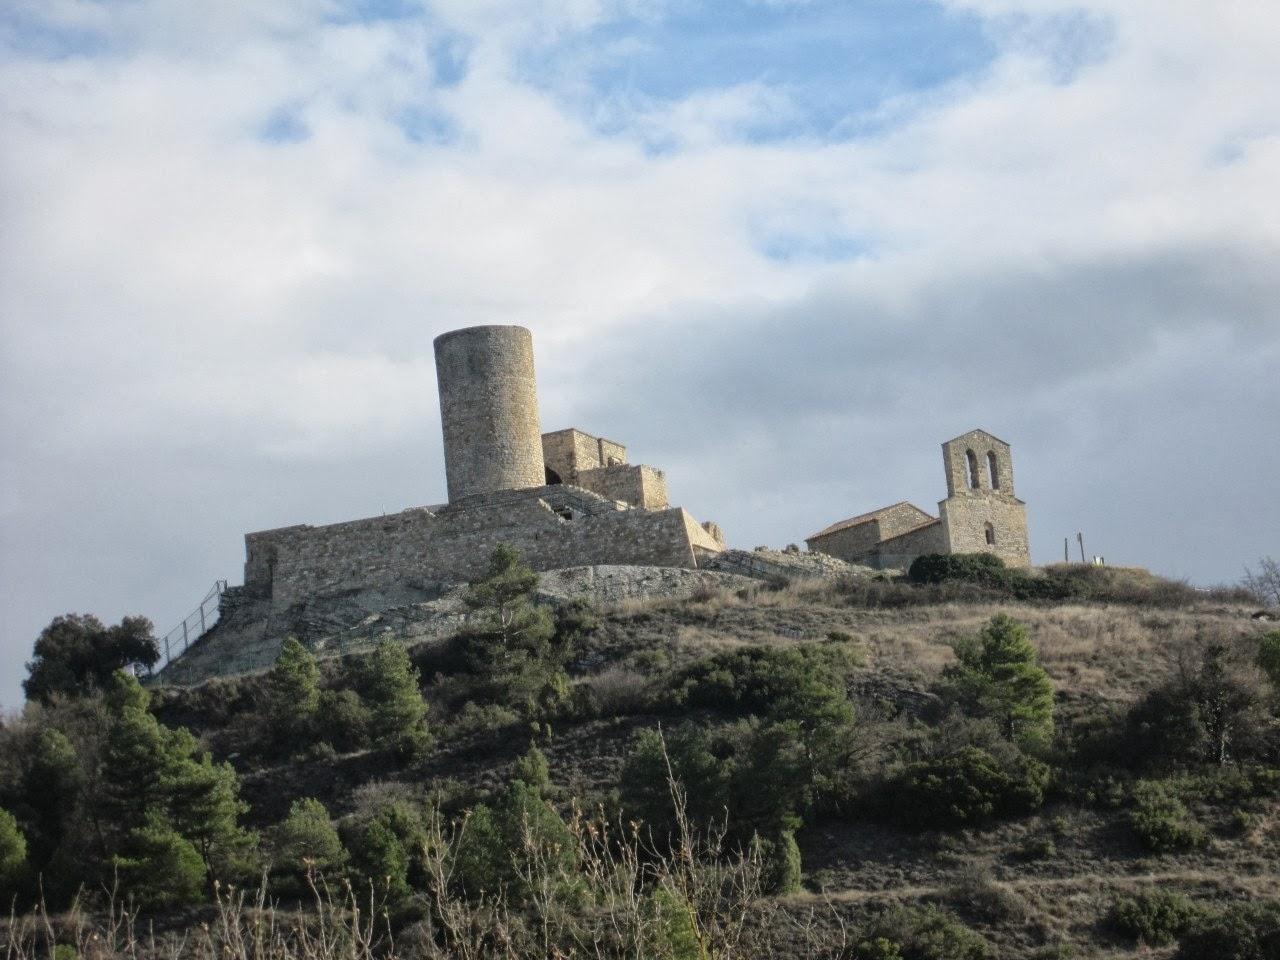 Amb bicicleta.: De Manresa al Castell de Boixadors